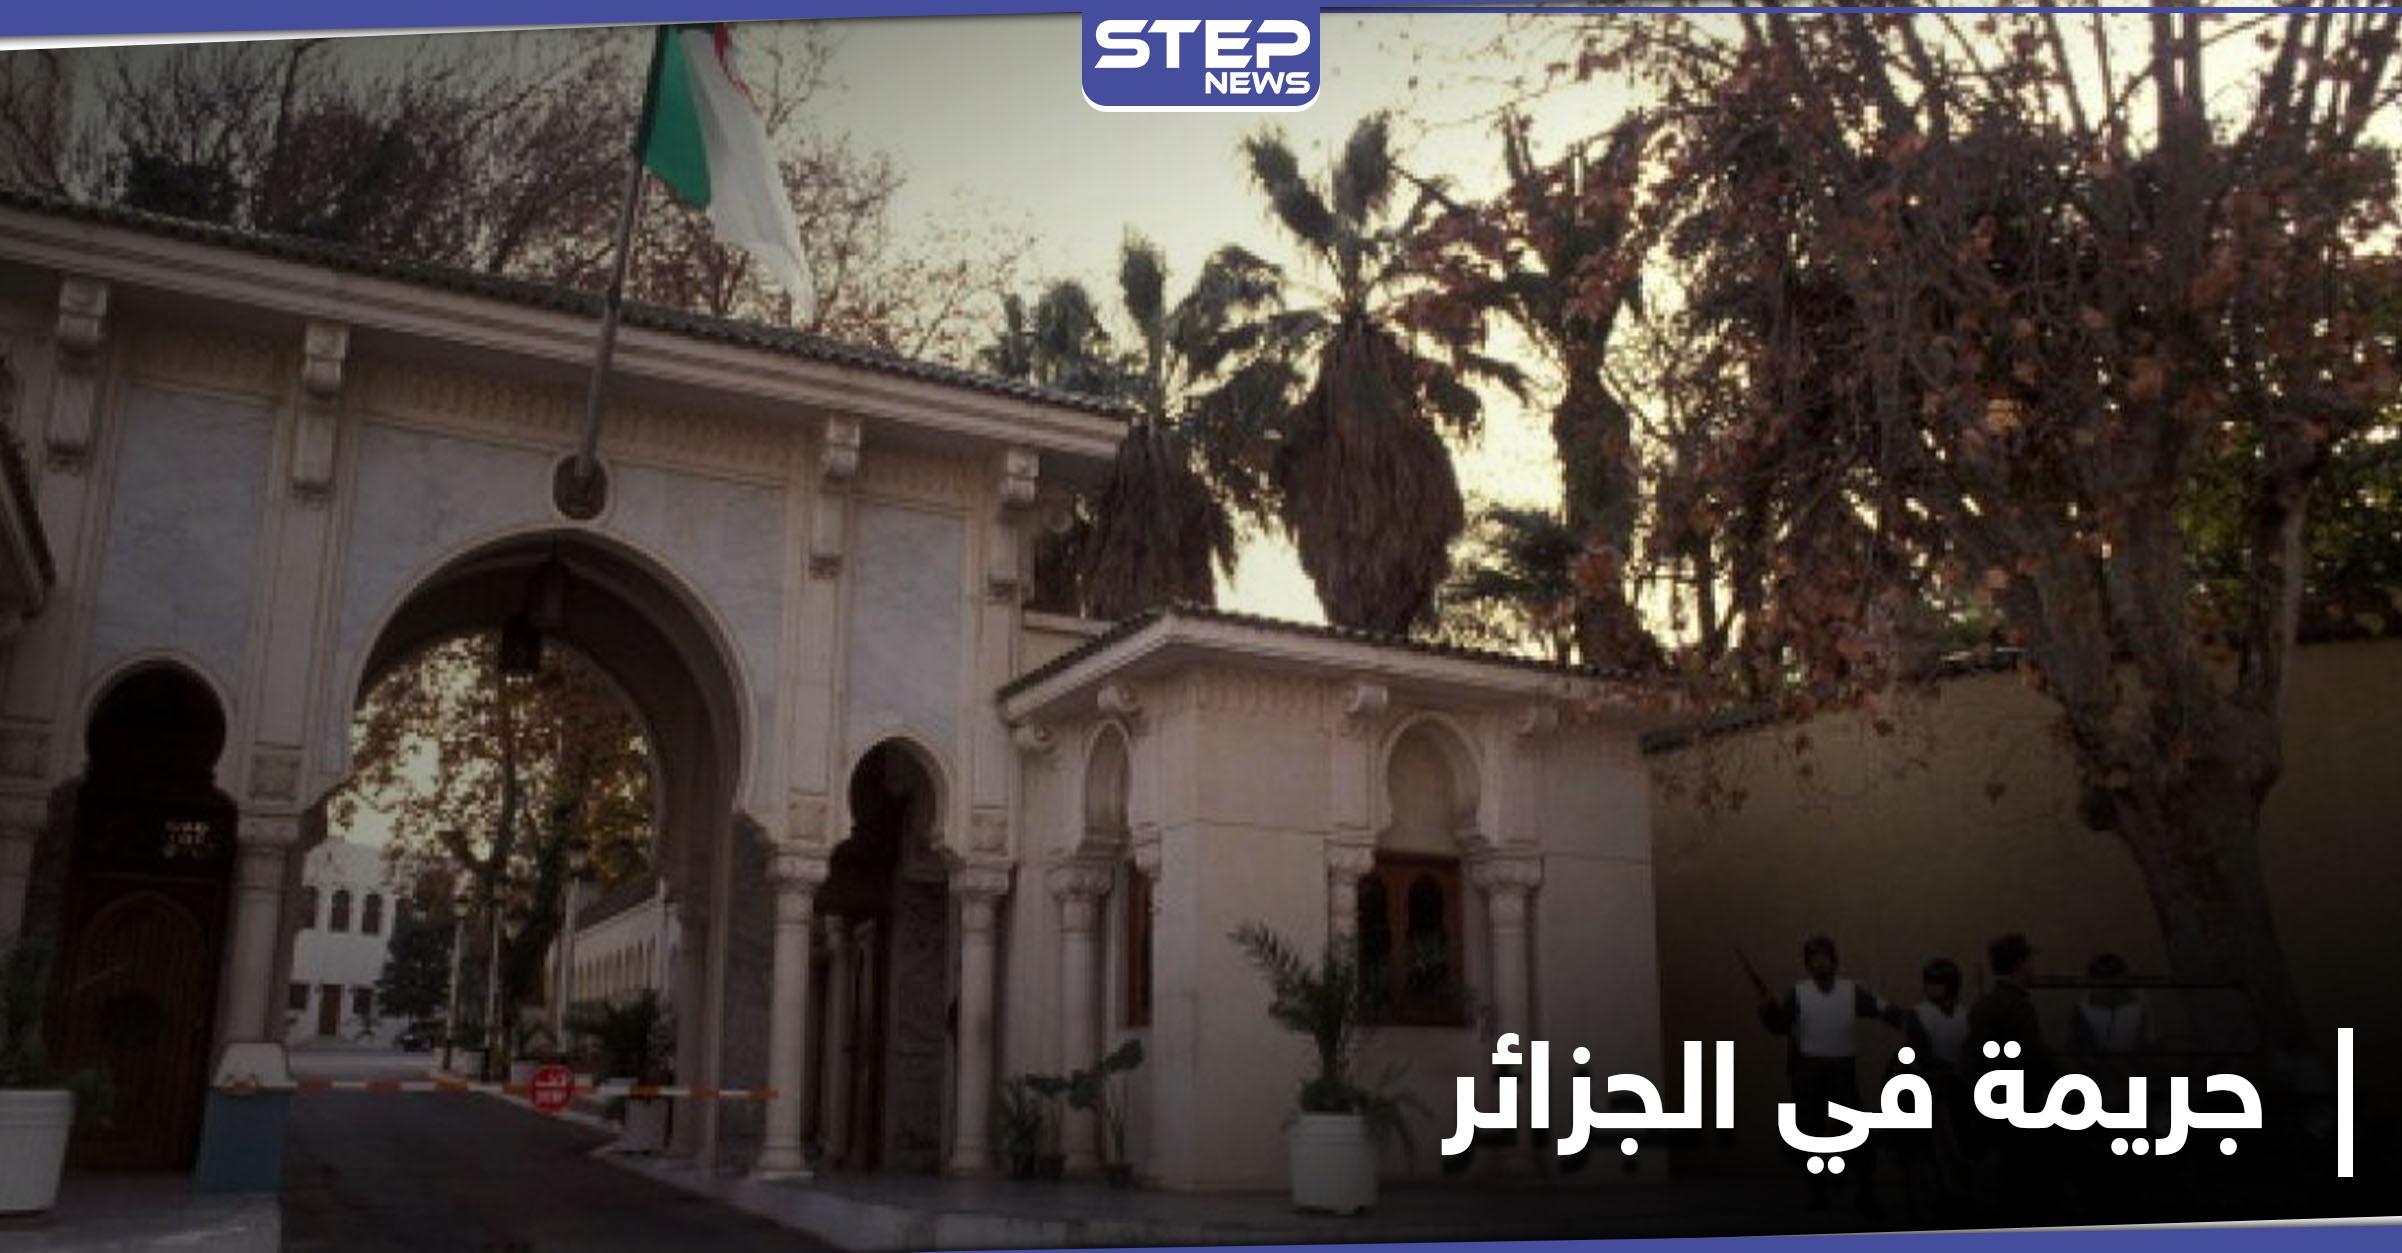 محكمة جزائرية تصدر حكماً صارماً على المجرم